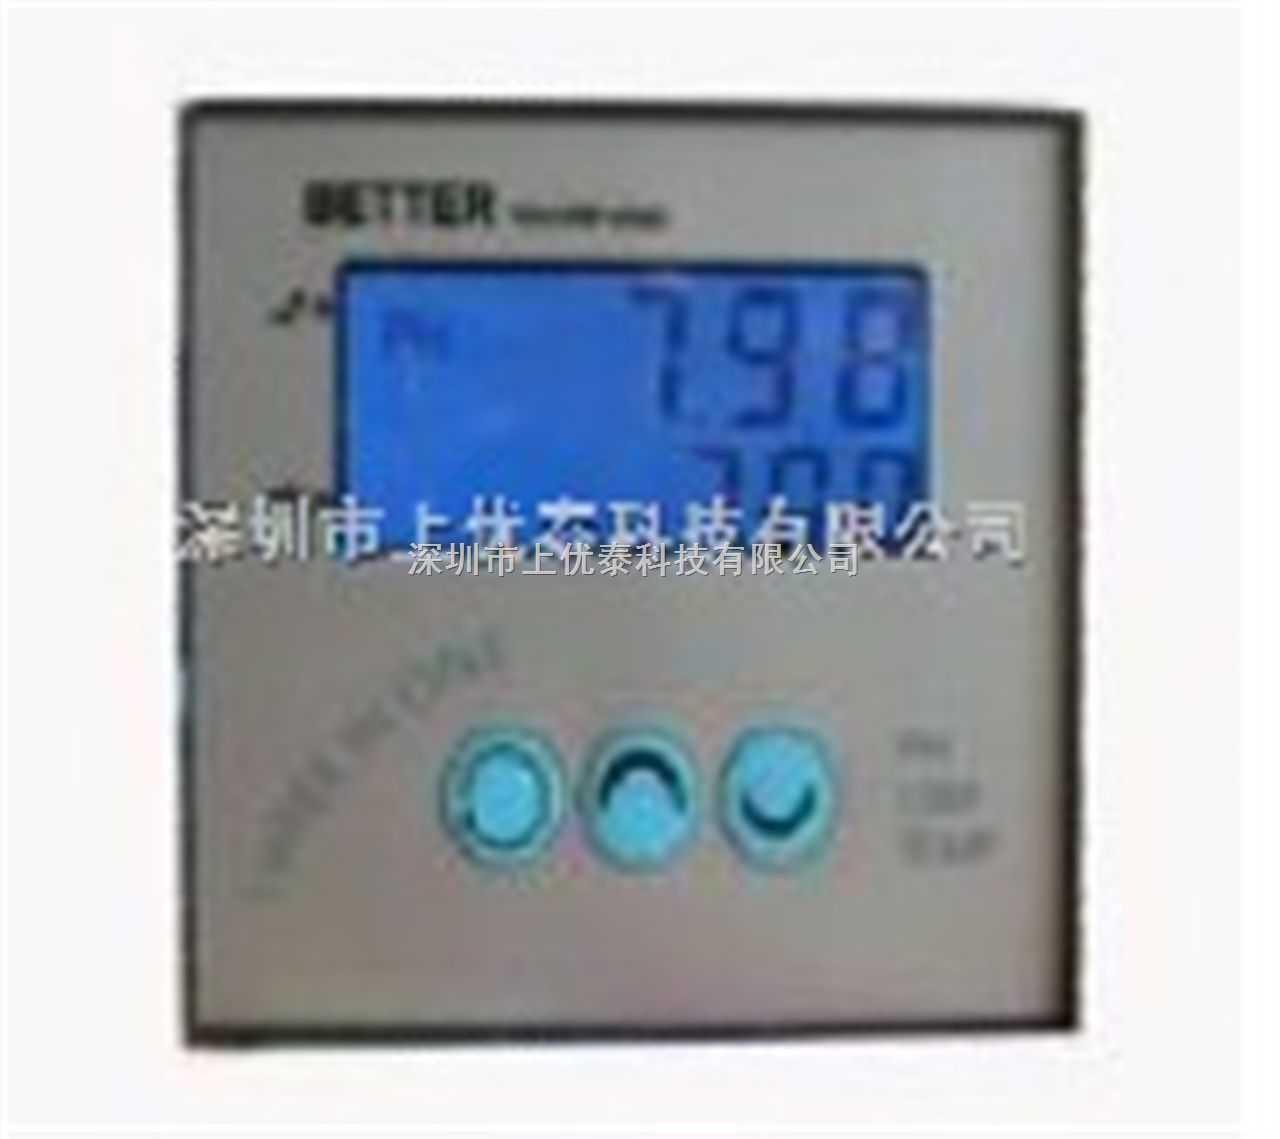 BETTER牌PH/ORP-2002分析仪,PH/ORP控制器